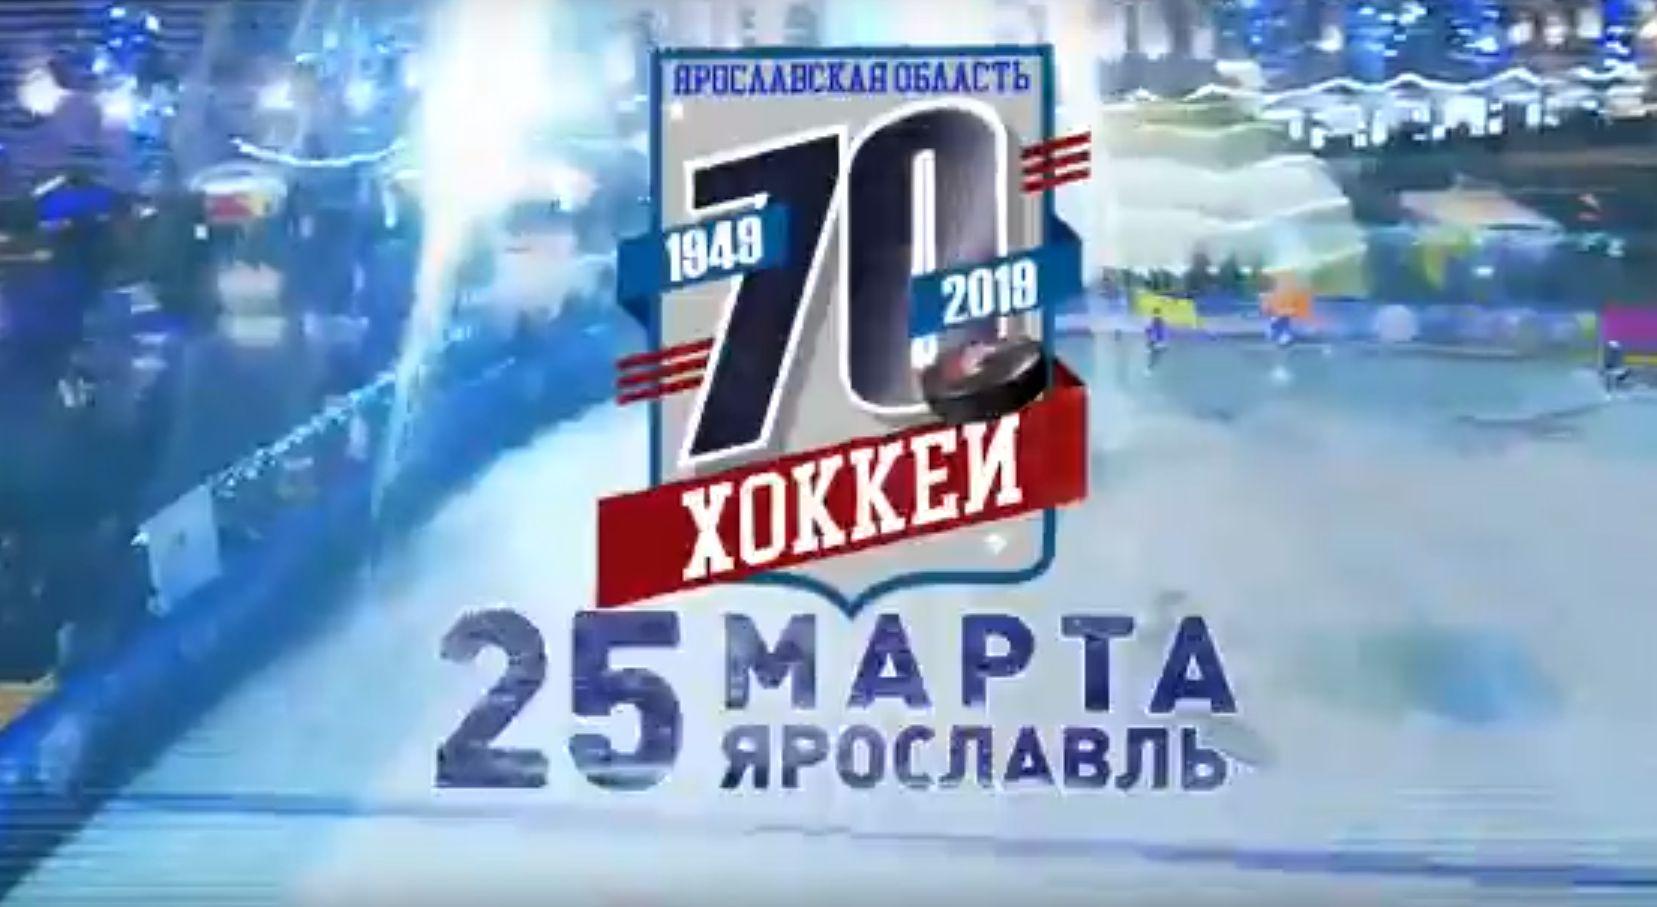 Опубликован красочный ролик-анонс матча звезд, приуроченного к 70-летию ярославского хоккея